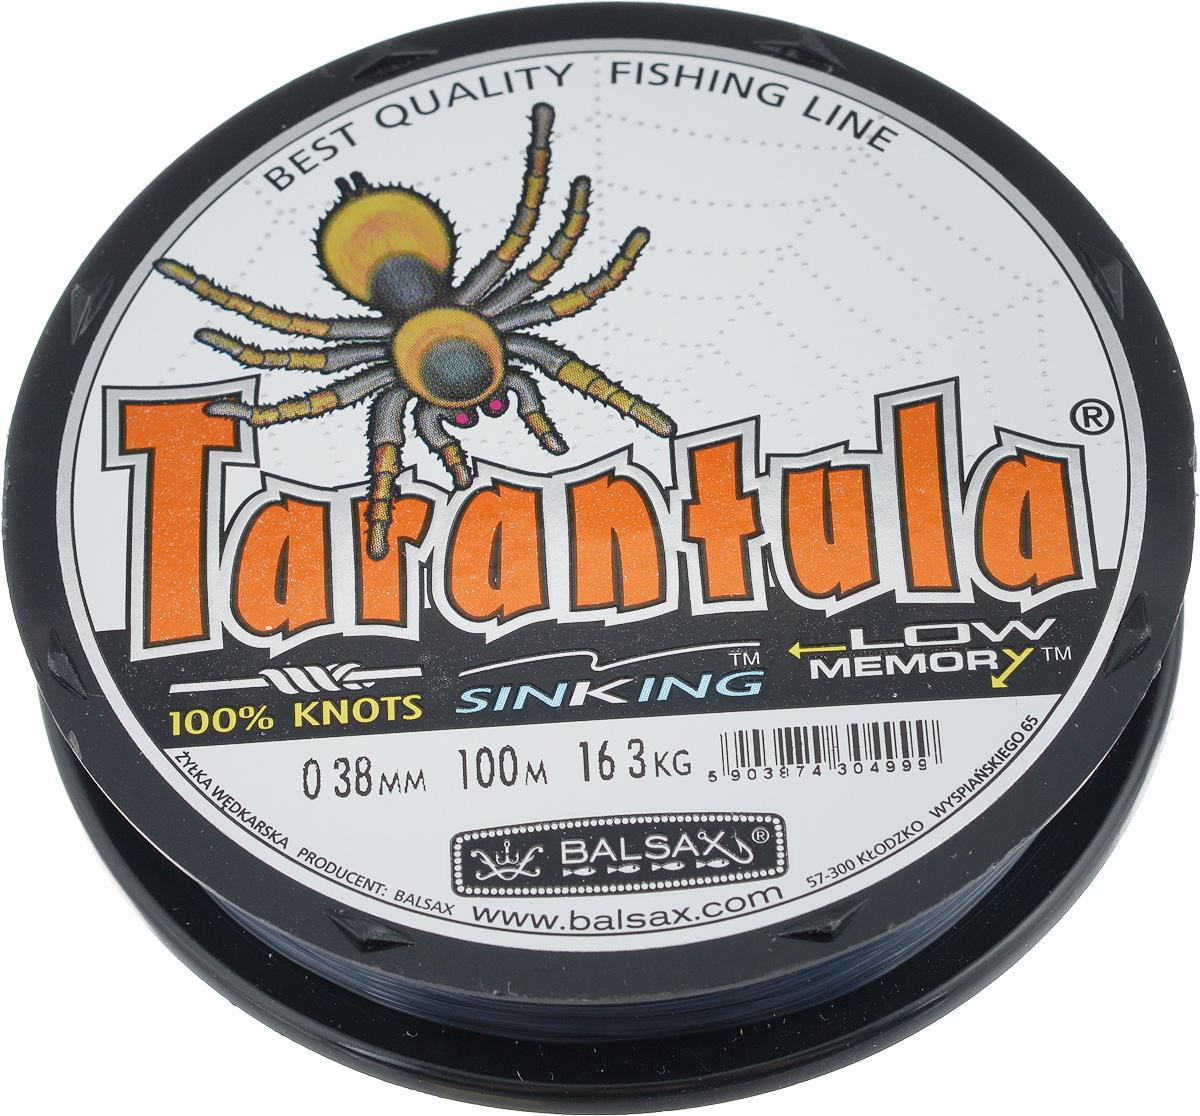 Леска Balsax Tarantula, 100 м, 0,38 мм, 16,3 кг314-07038Леска Balsax Tarantula выполнена из нейлоновой рибозы с покрытием из тефлона. Новая молекулярная структура лески отличается повышенной сопротивляемостью к разрыву, но при этом она способна и растягиваться. Растяжимость в случае применения этой лески является отличным достоинством, особенно во время энергичной борьбы с рыбой, как амортизатор защищая оснастку от обрыва.